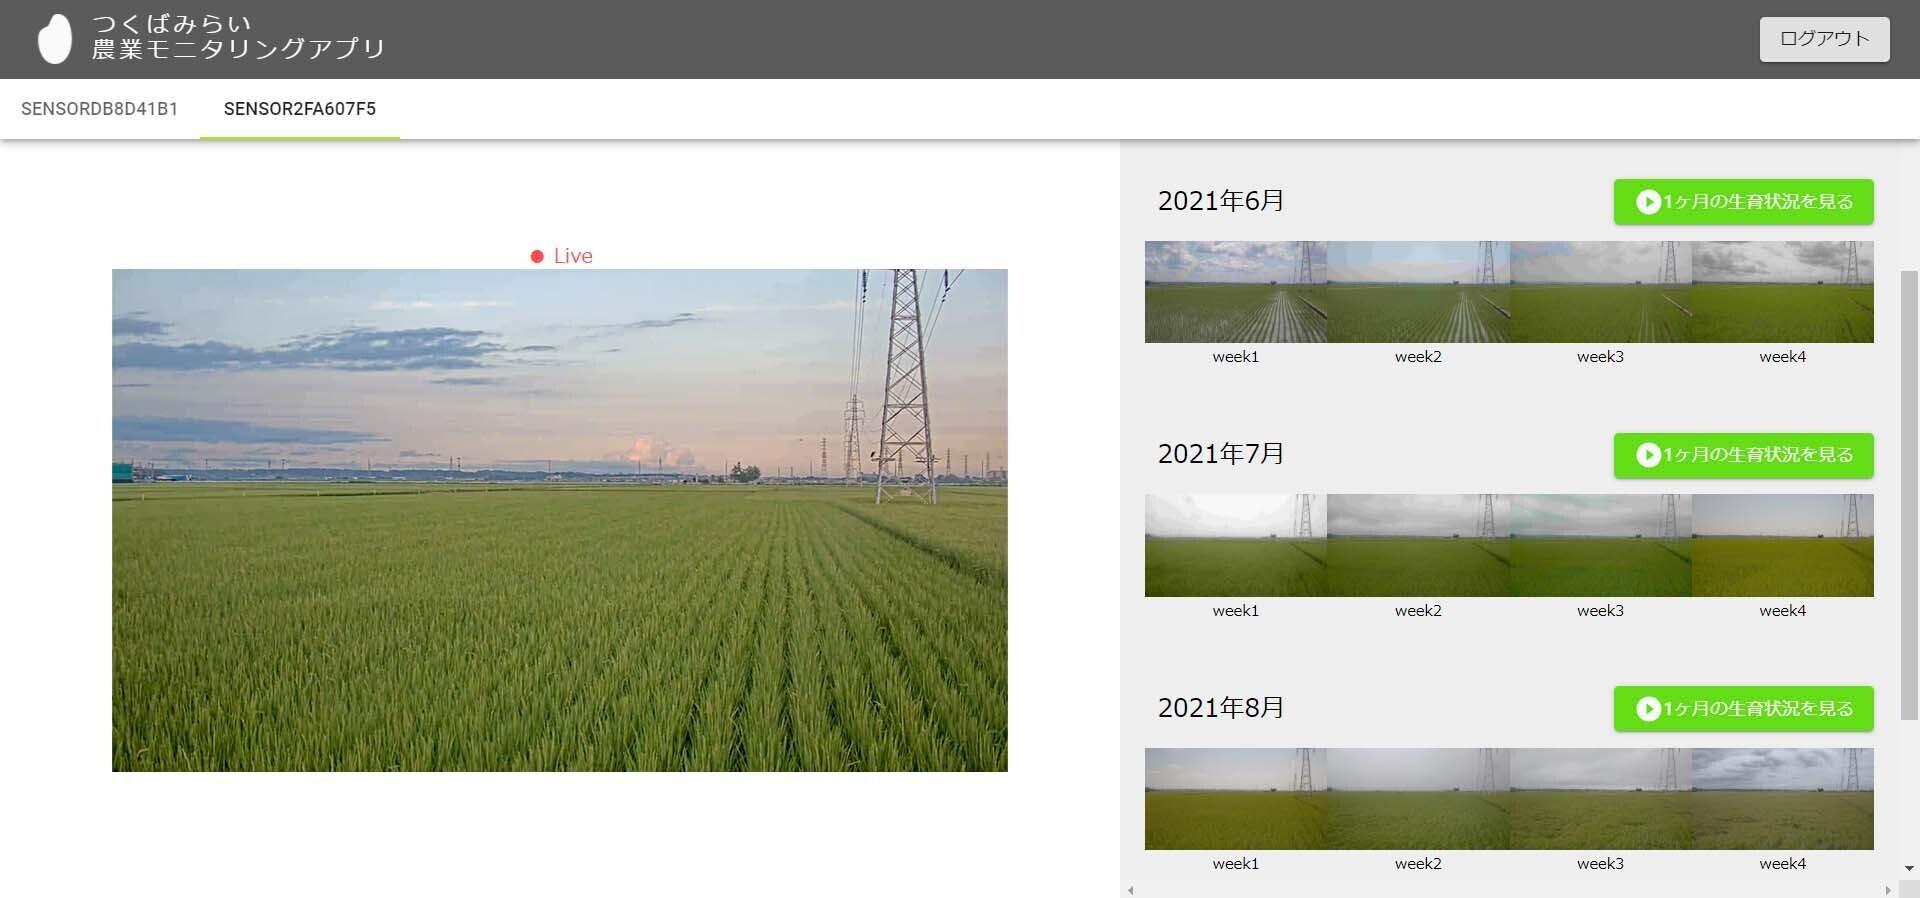 KOTOWARI™上に構築された遠隔監視アプリの画面